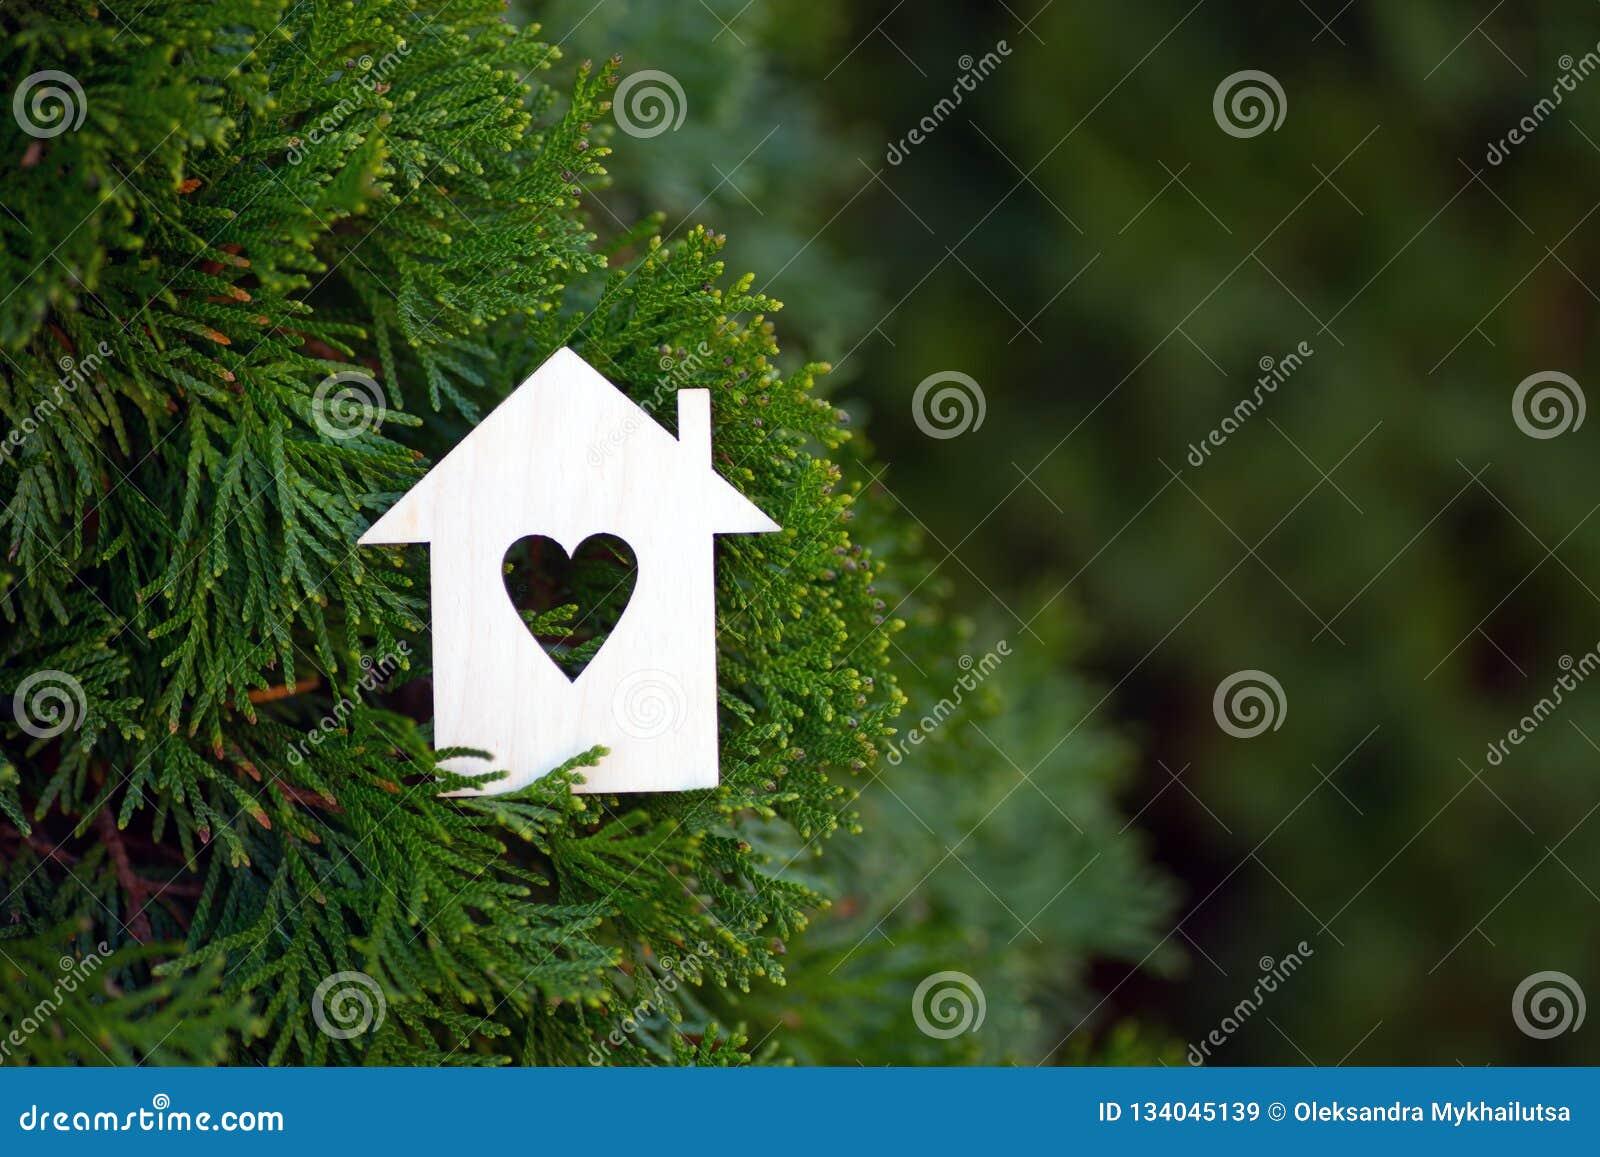 Drewniana domowa ikona z dziurą w formie otaczającej zielonym tui conifer serce rozgałęzia się plenerowego